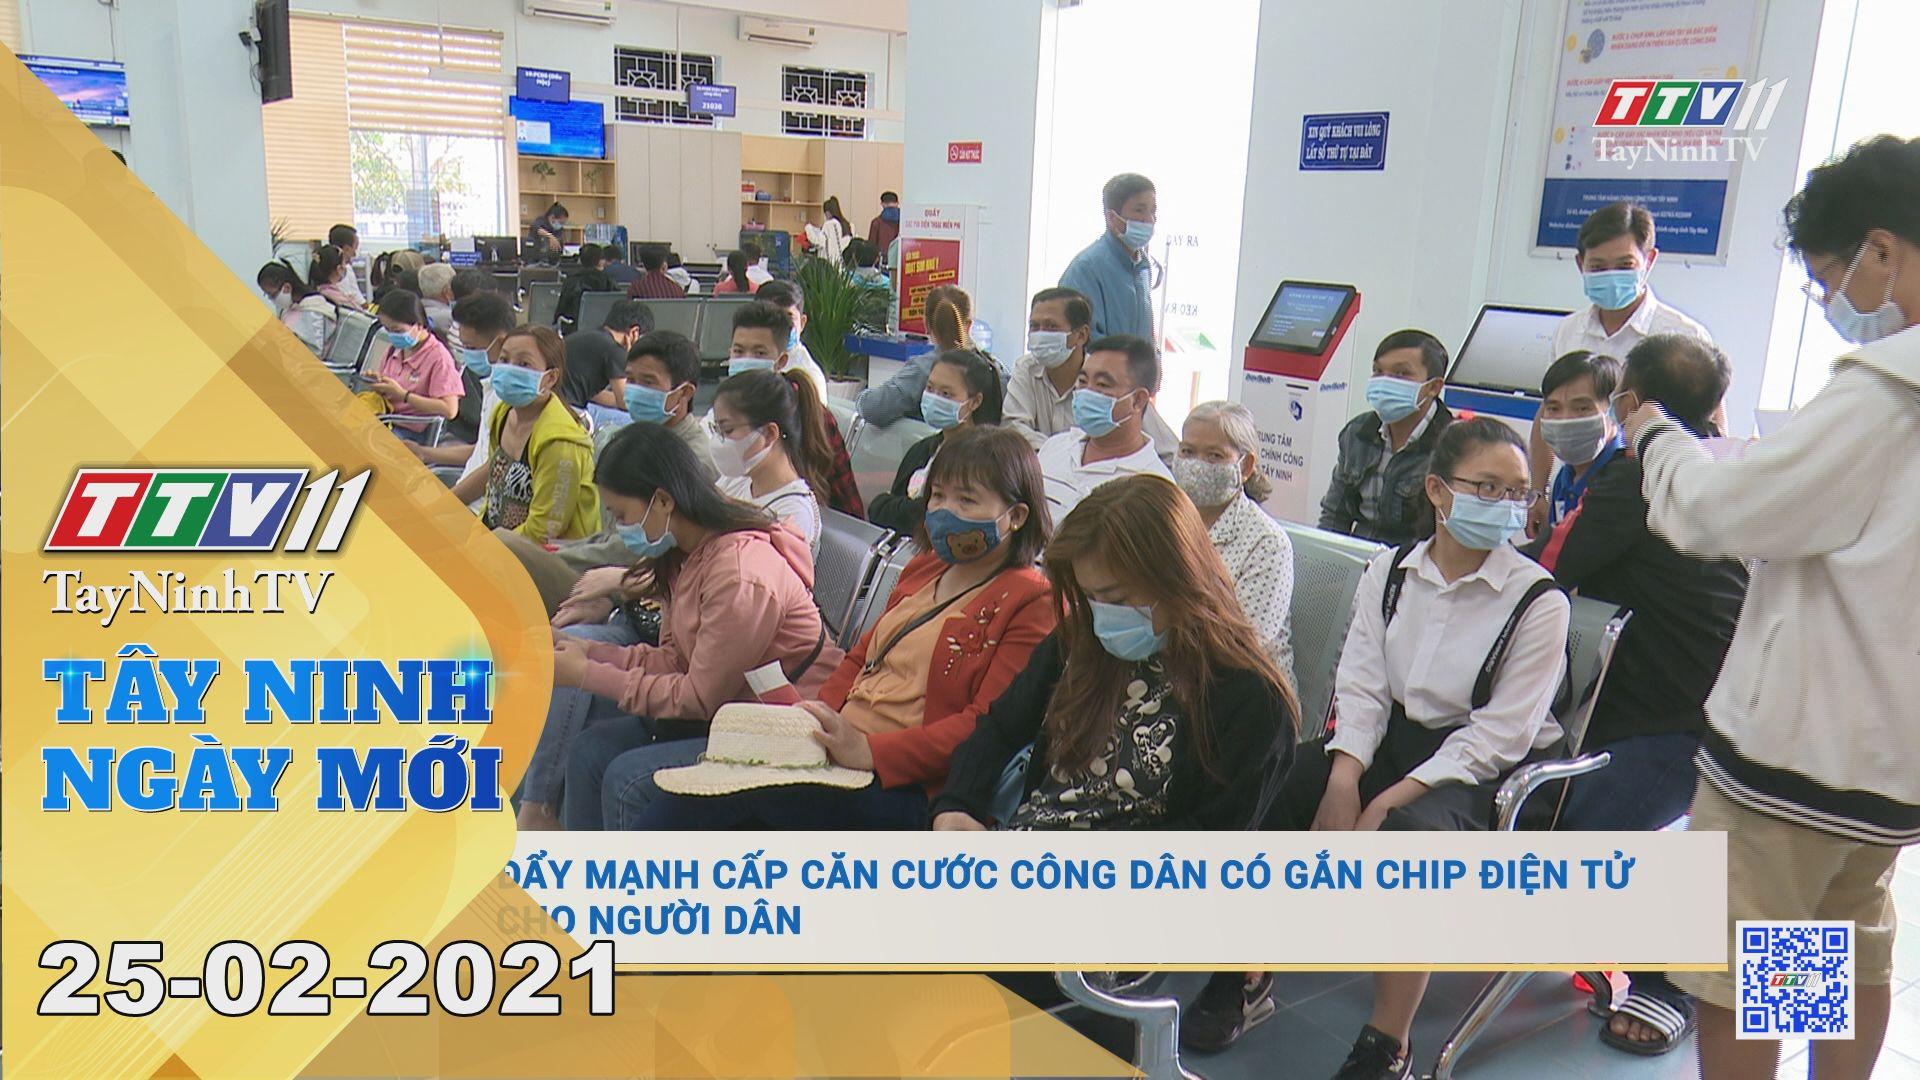 Tây Ninh Ngày Mới 25-02-2021 | Tin tức hôm nay | TayNinhTV